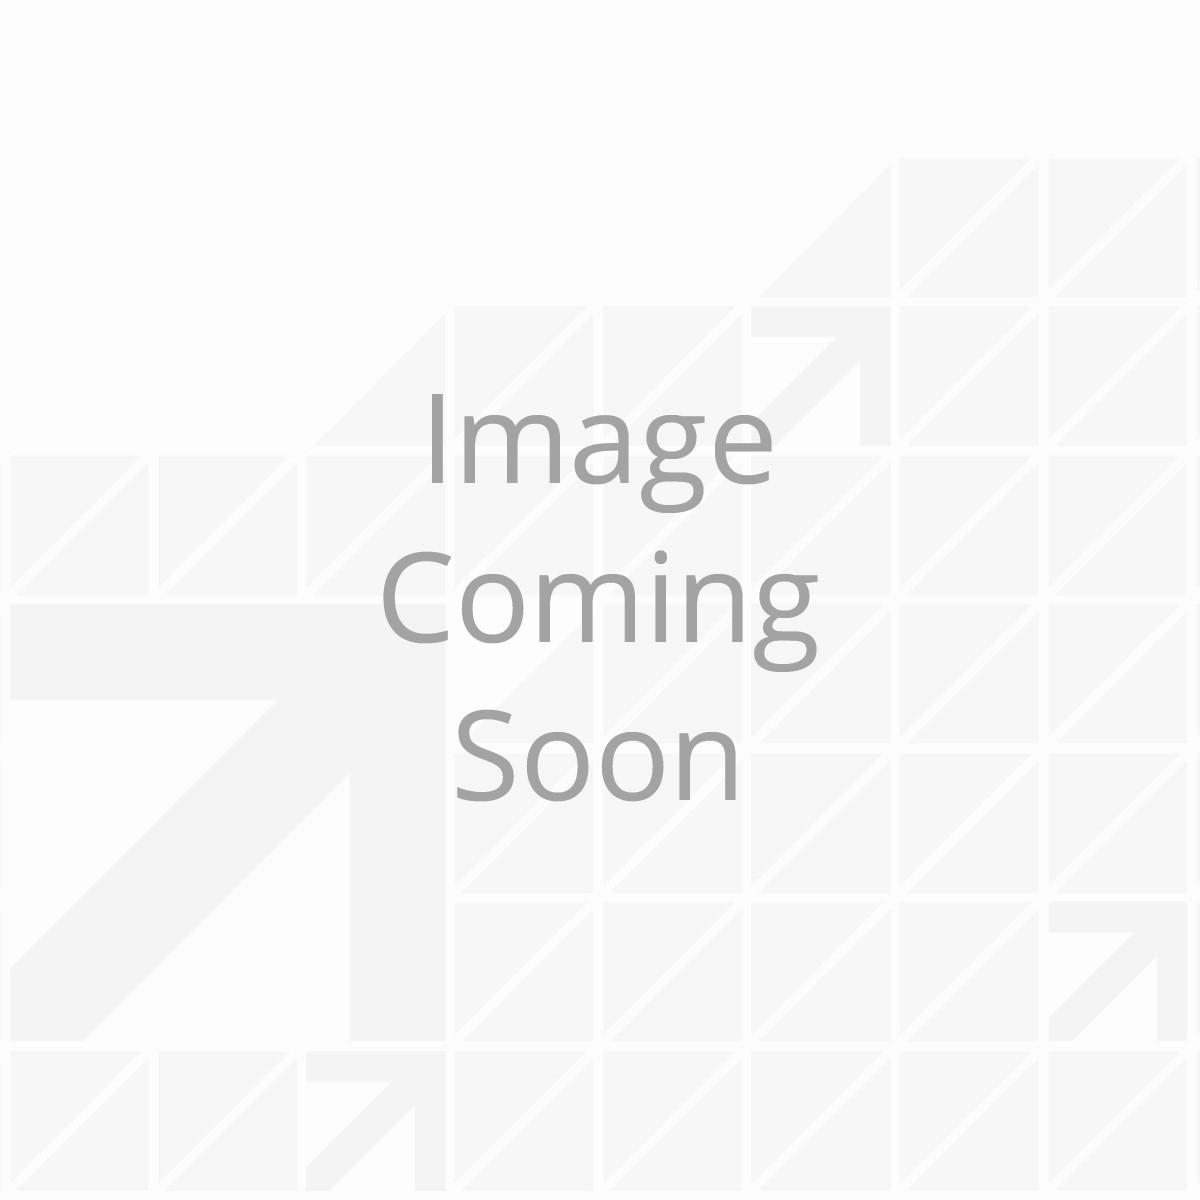 1564251_-_airspring_-_001